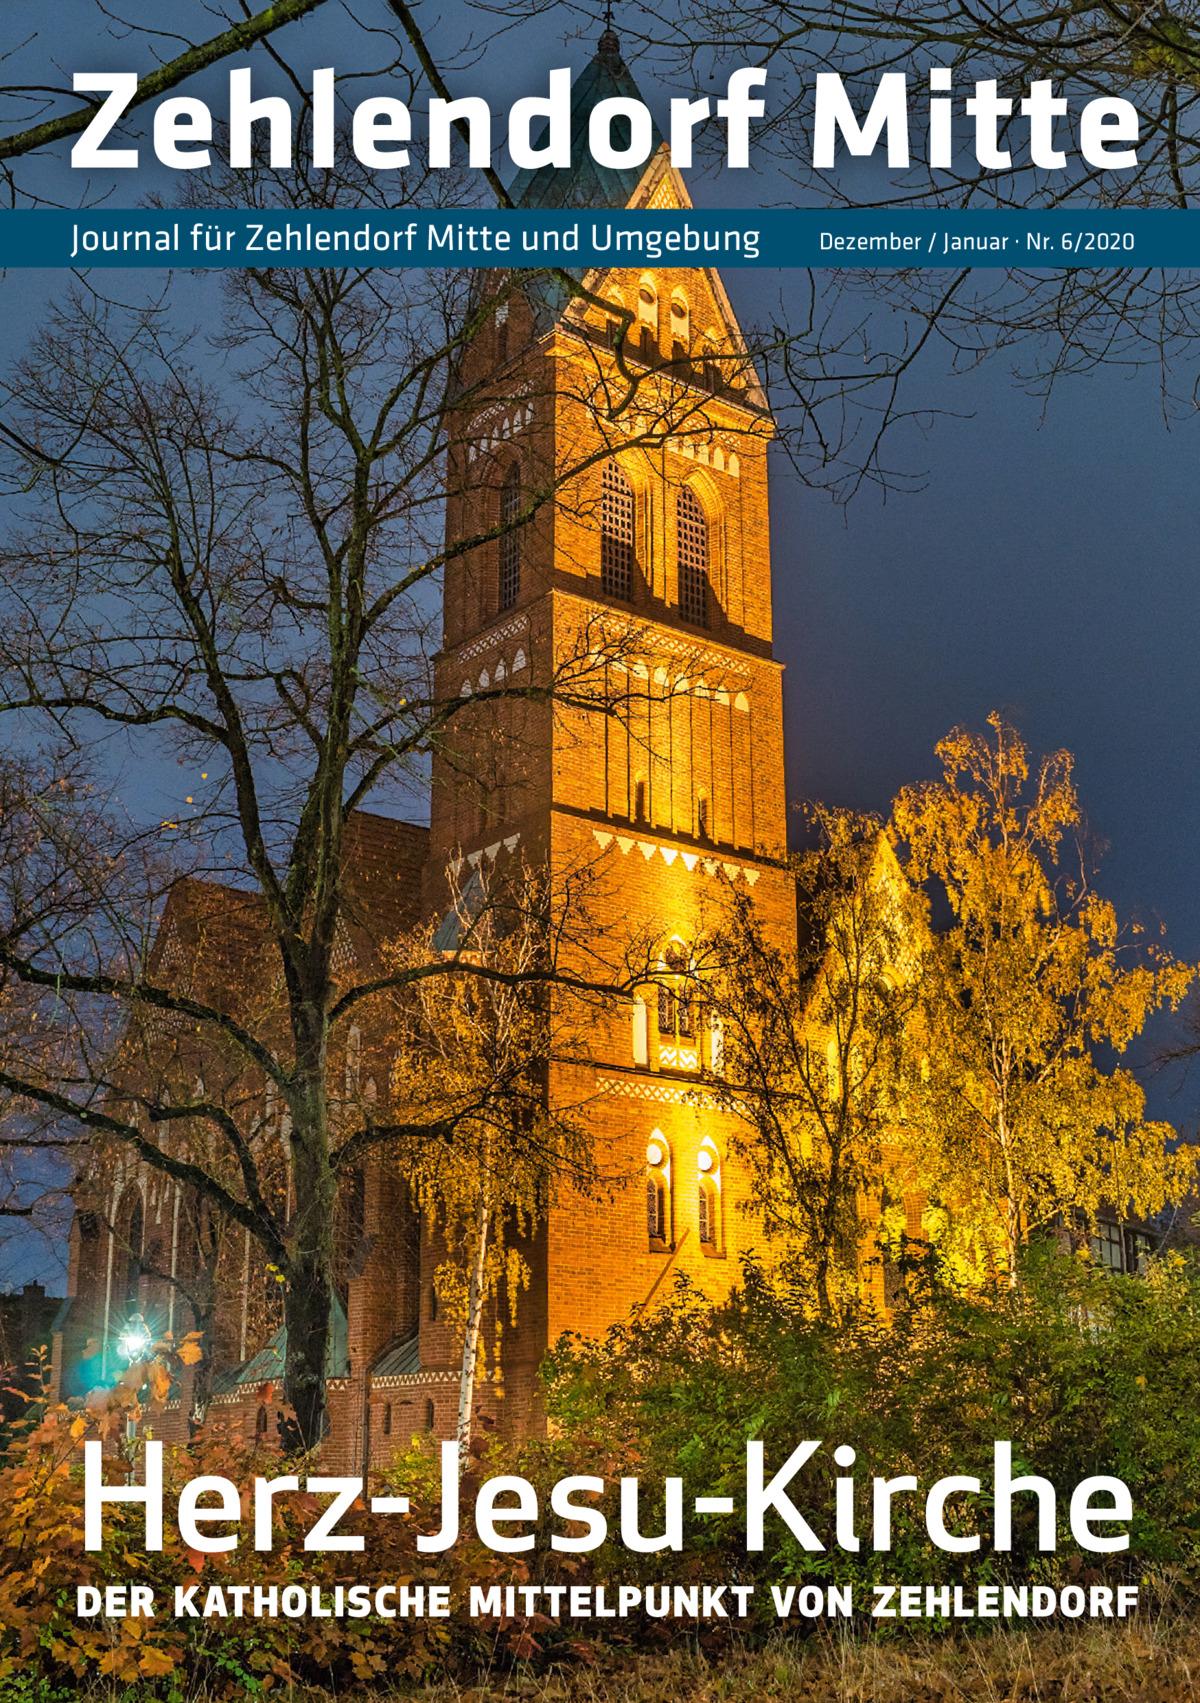 Zehlendorf Mitte Journal für Zehlendorf Mitte und Umgebung  Dezember / Januar · Nr. 6/2020  Herz-Jesu-Kirche DER KATHOLISCHE MITTELPUNKT VON ZEHLENDORF